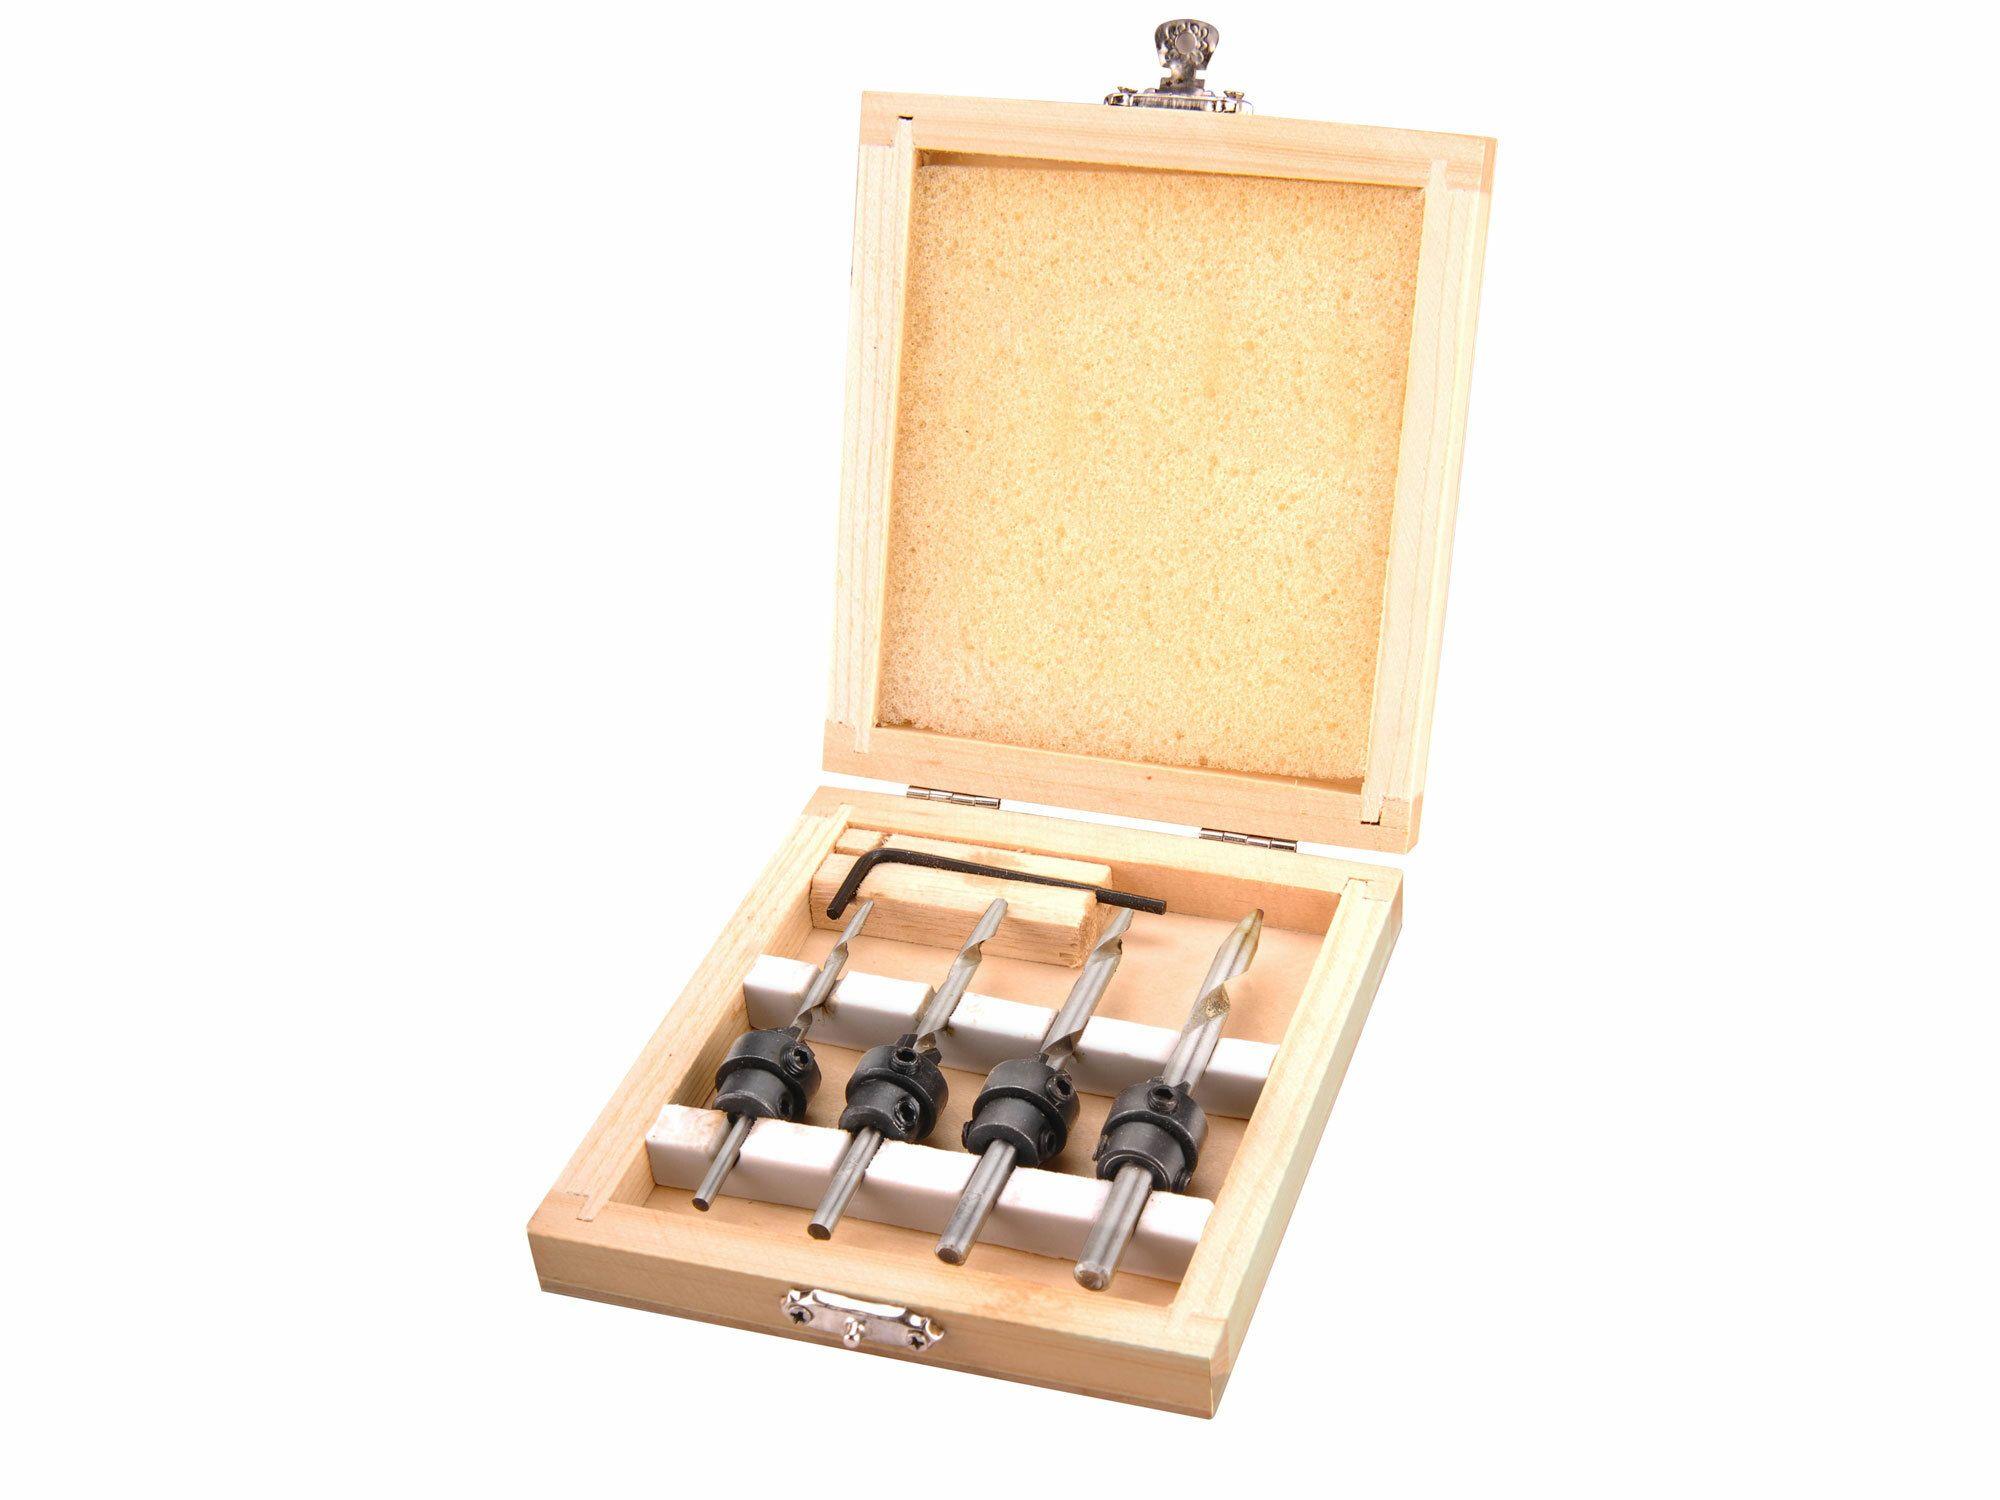 Vrtáky s dorazem a zahlubovacím kroužkem, sada 4ks, do dřeva, v dřevěné kazetě EXTOL-CRAFT